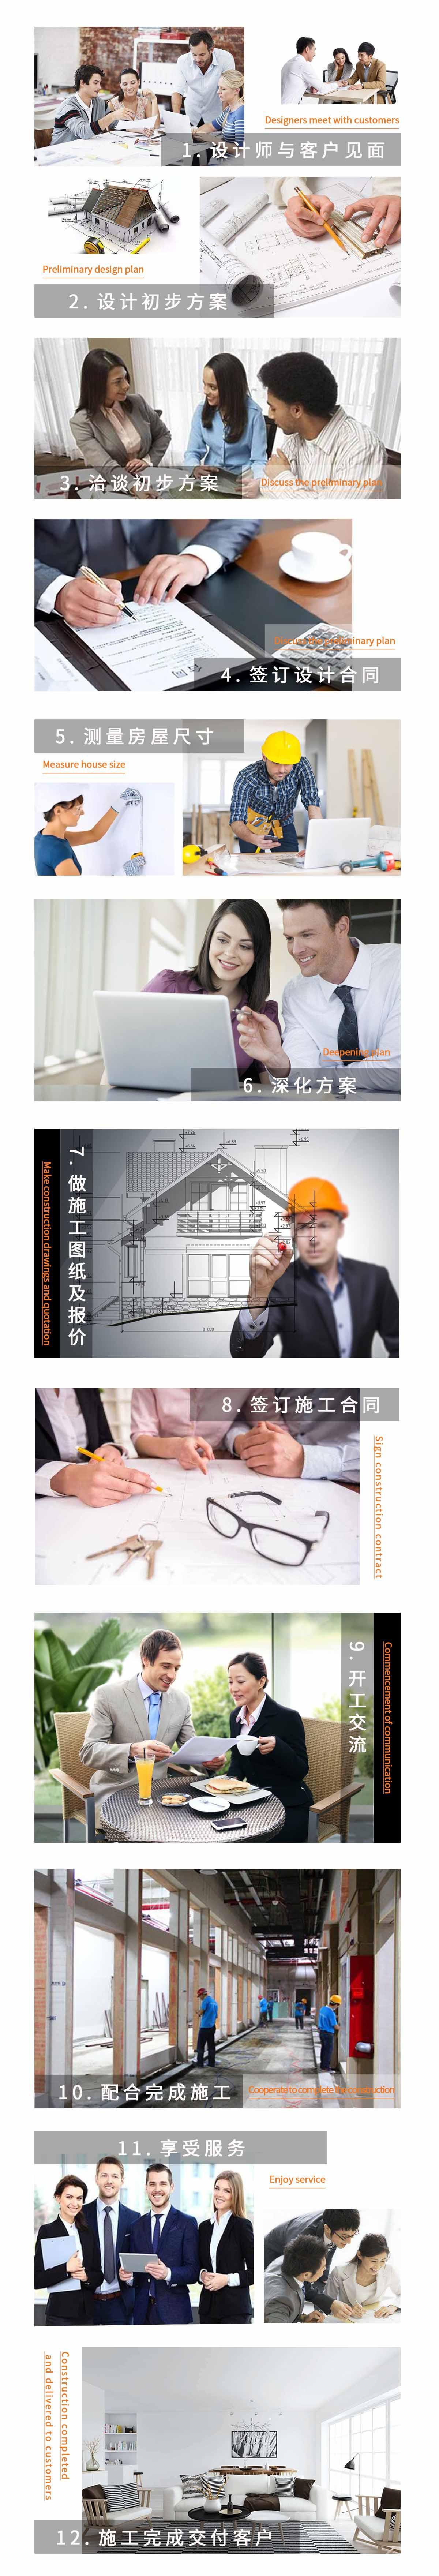 设计流程.jpg